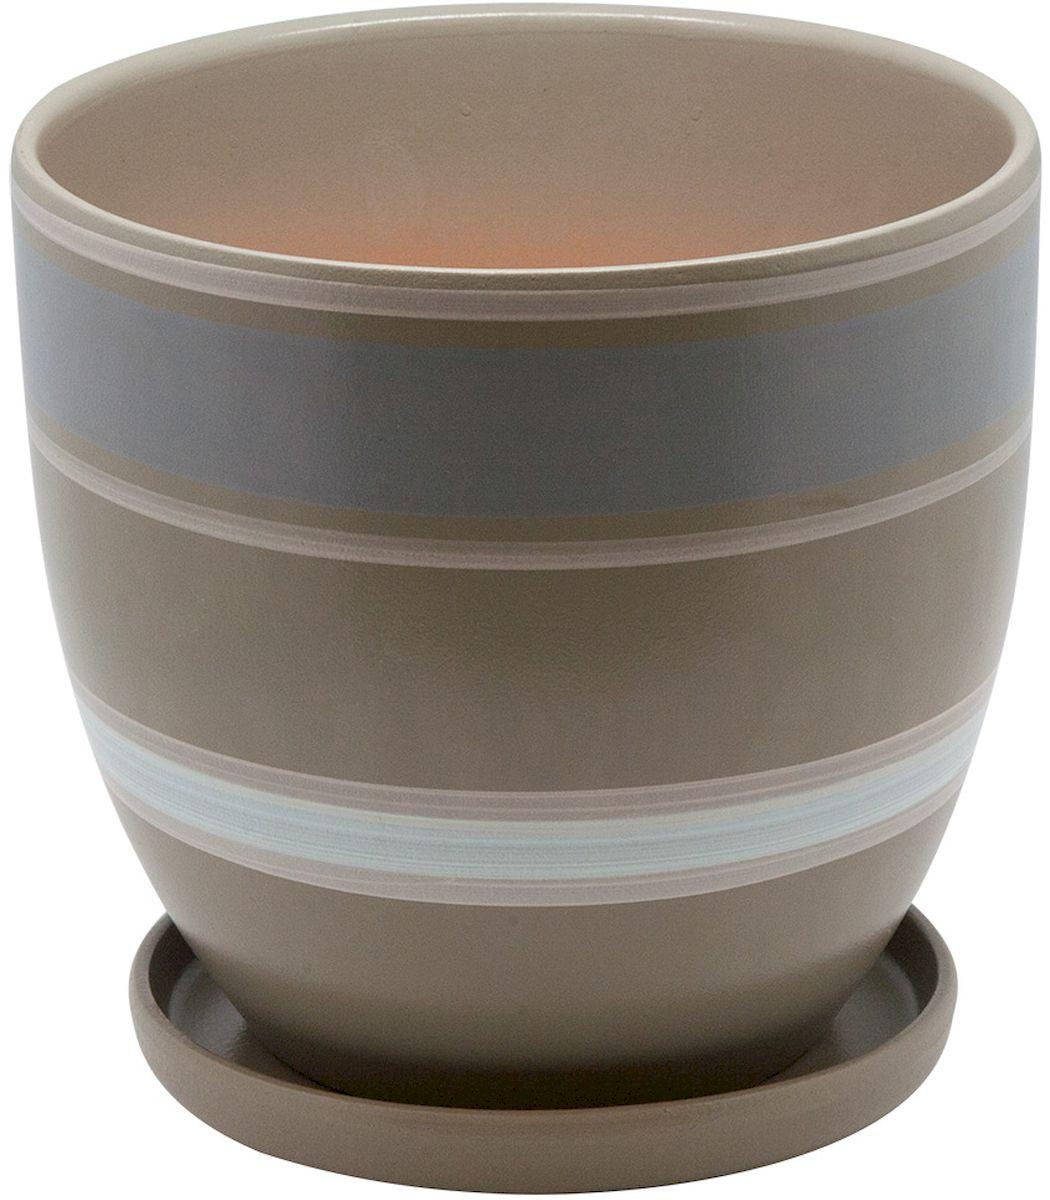 """Керамический горшок """"Engard"""" - это идеальное решение для выращивания комнатных растений и создания изысканности в интерьере. Керамический горшок сделан из высококачественной глины в классической форме и оригинальном дизайне.Объем: 4,7 л."""